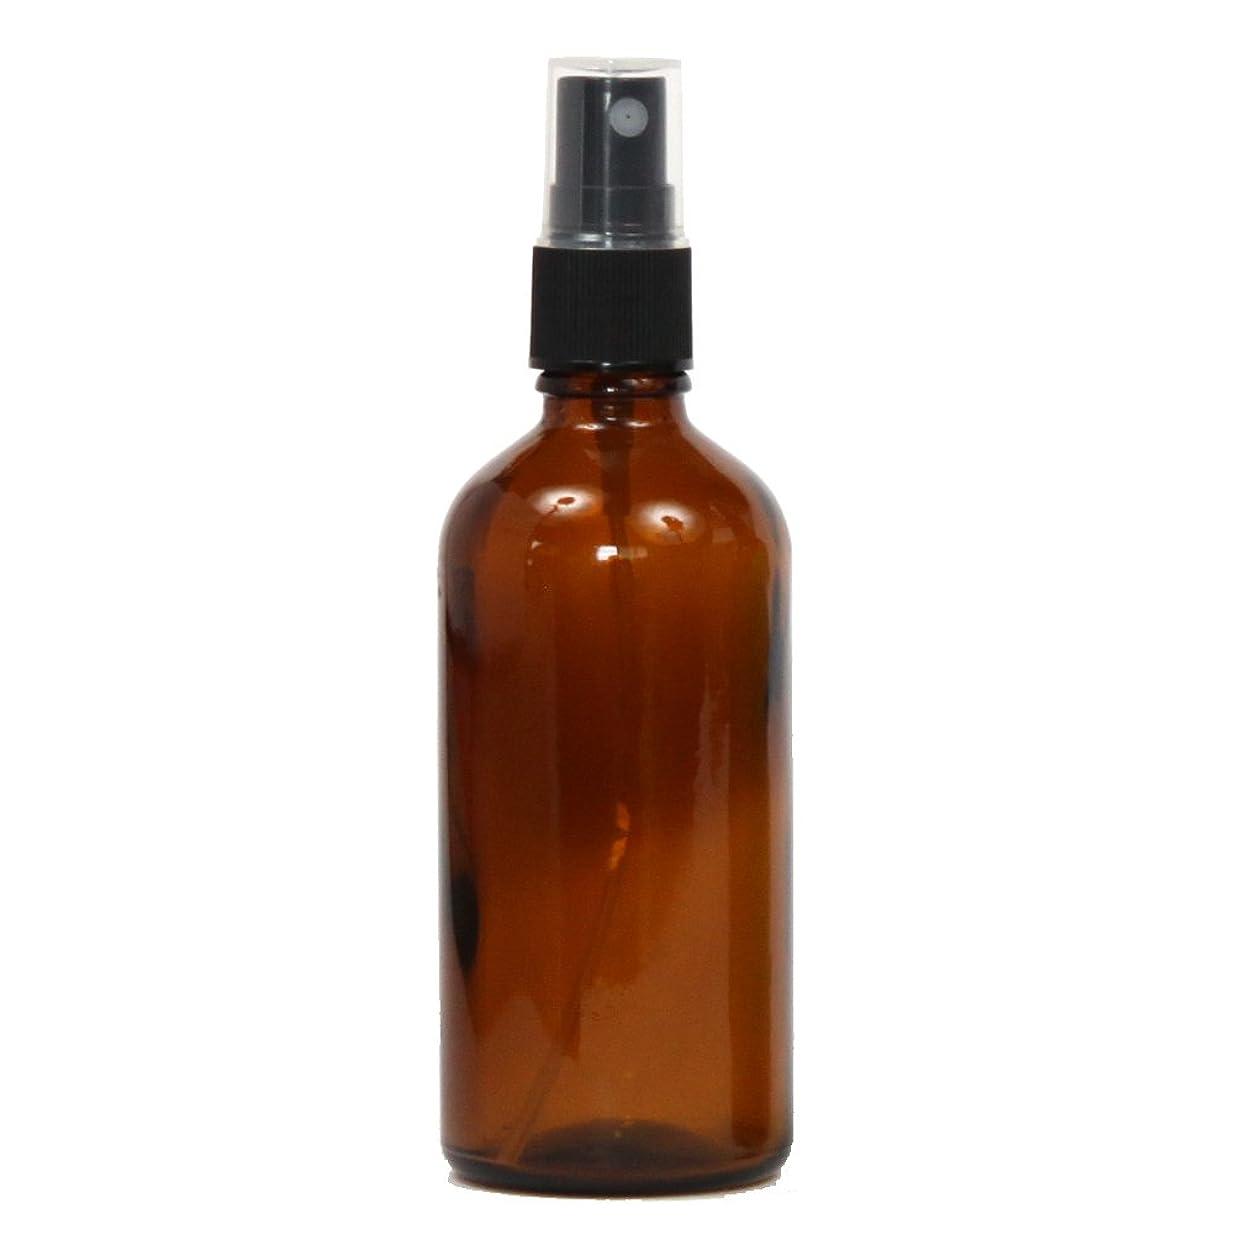 ねばねば蘇生するゆるいスプレーボトル ガラス瓶 100mL 遮光性ブラウン(アンバー) おしゃれアトマイザー ミスト空容器